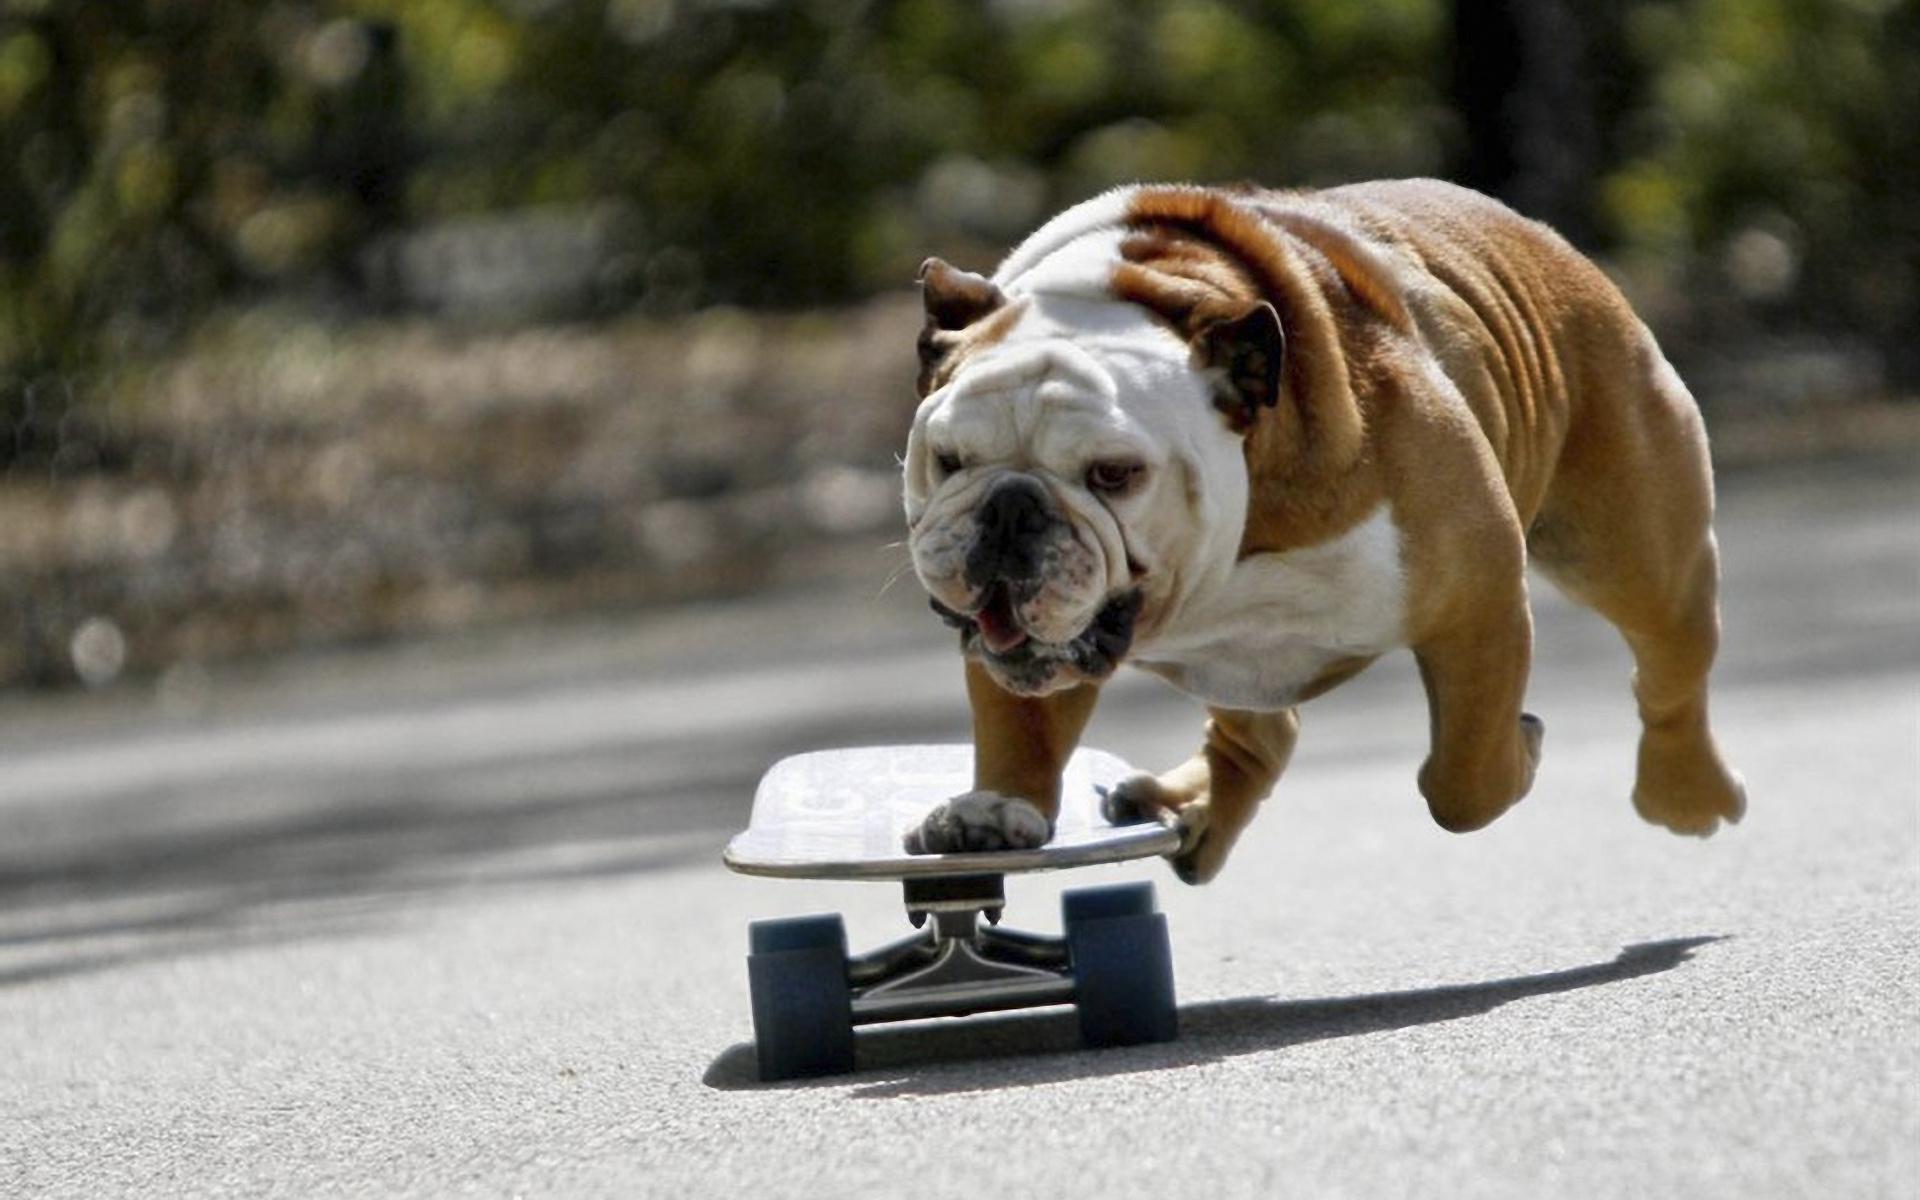 bulldog wallpapers dog breed